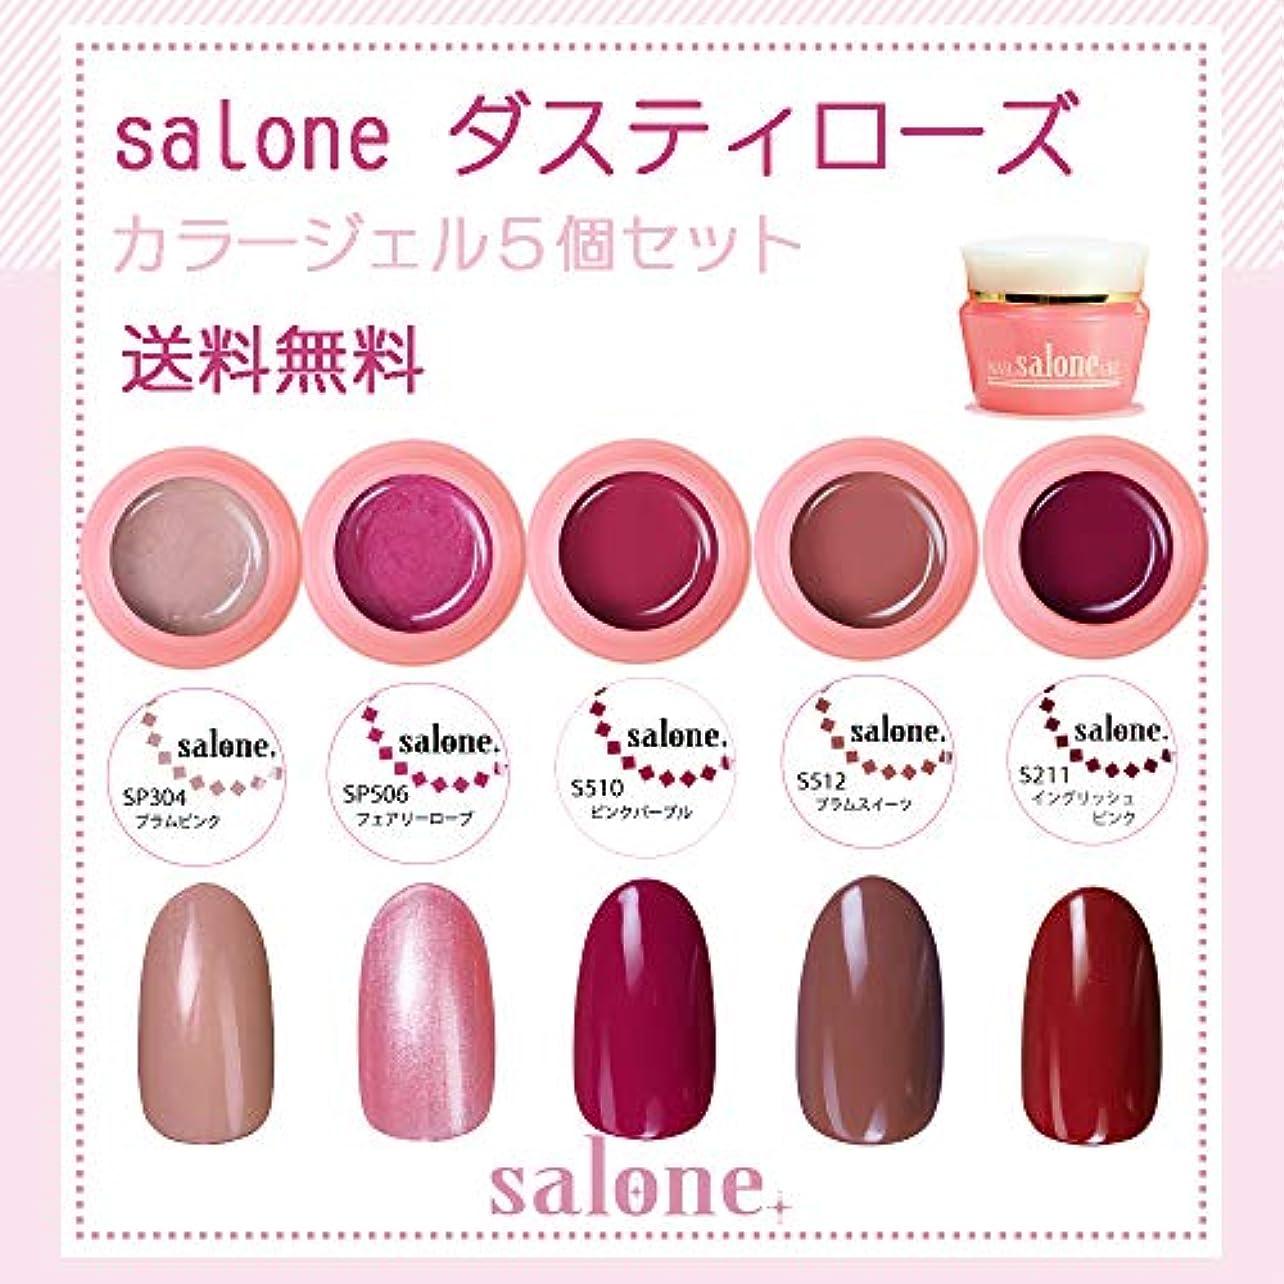 ルールペストリーそうでなければ【送料無料 日本製】Salone ダスティローズ カラージェル5個セット ネイルのマストカラーのローズ系カラー